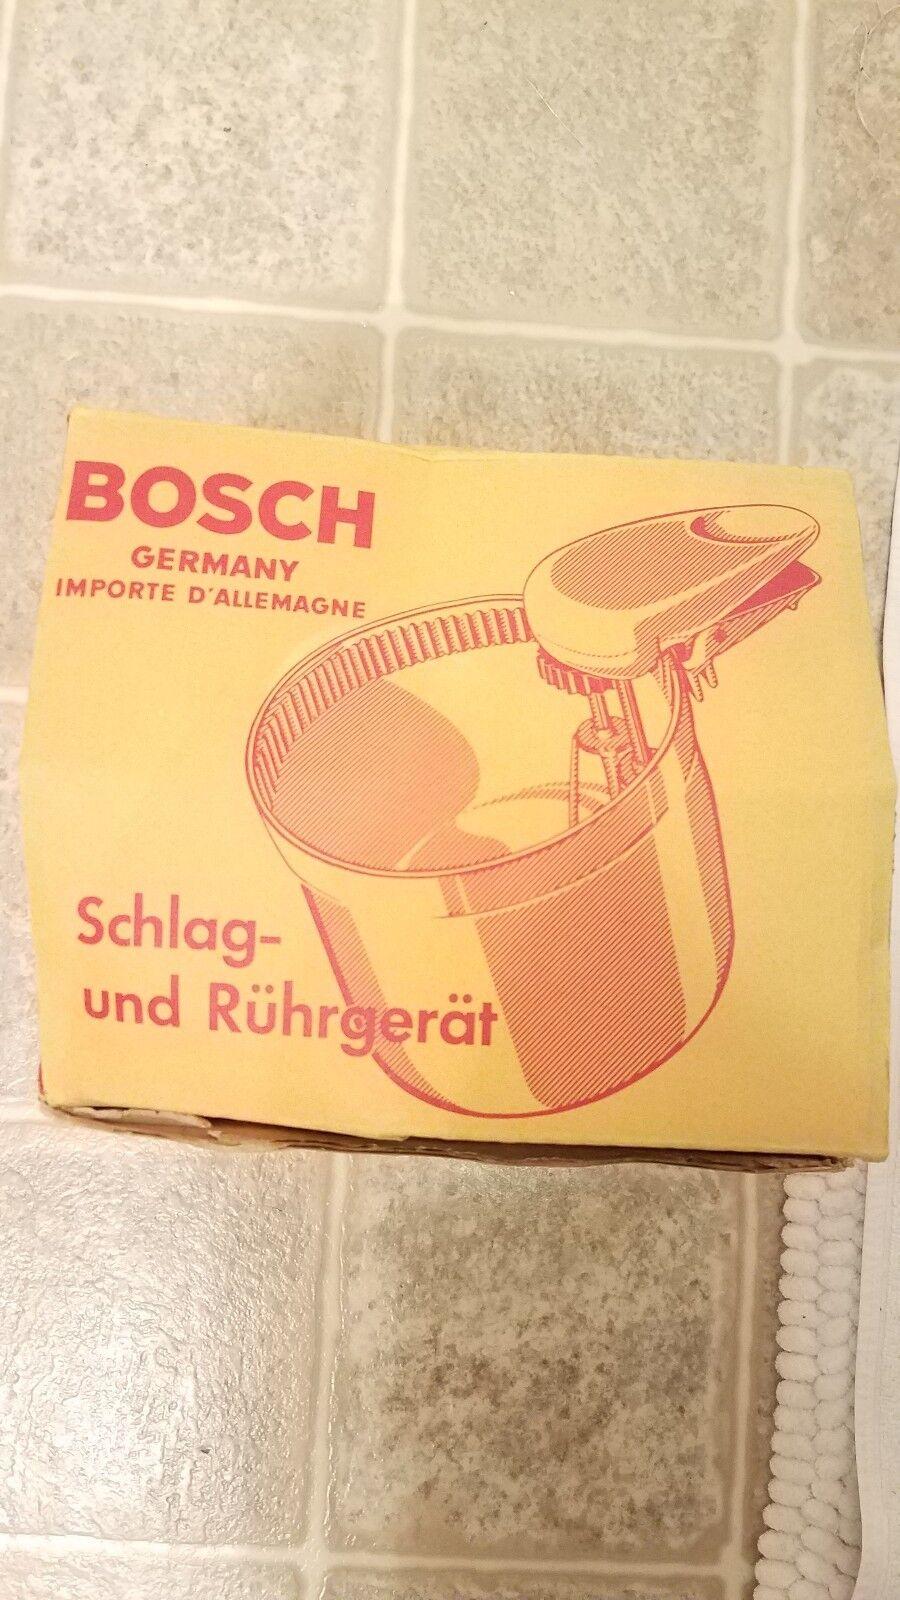 Bosch schlag und und und ruhrgerat Mixing Bowl. Germany. HMZU 5L 2Z ac9e37